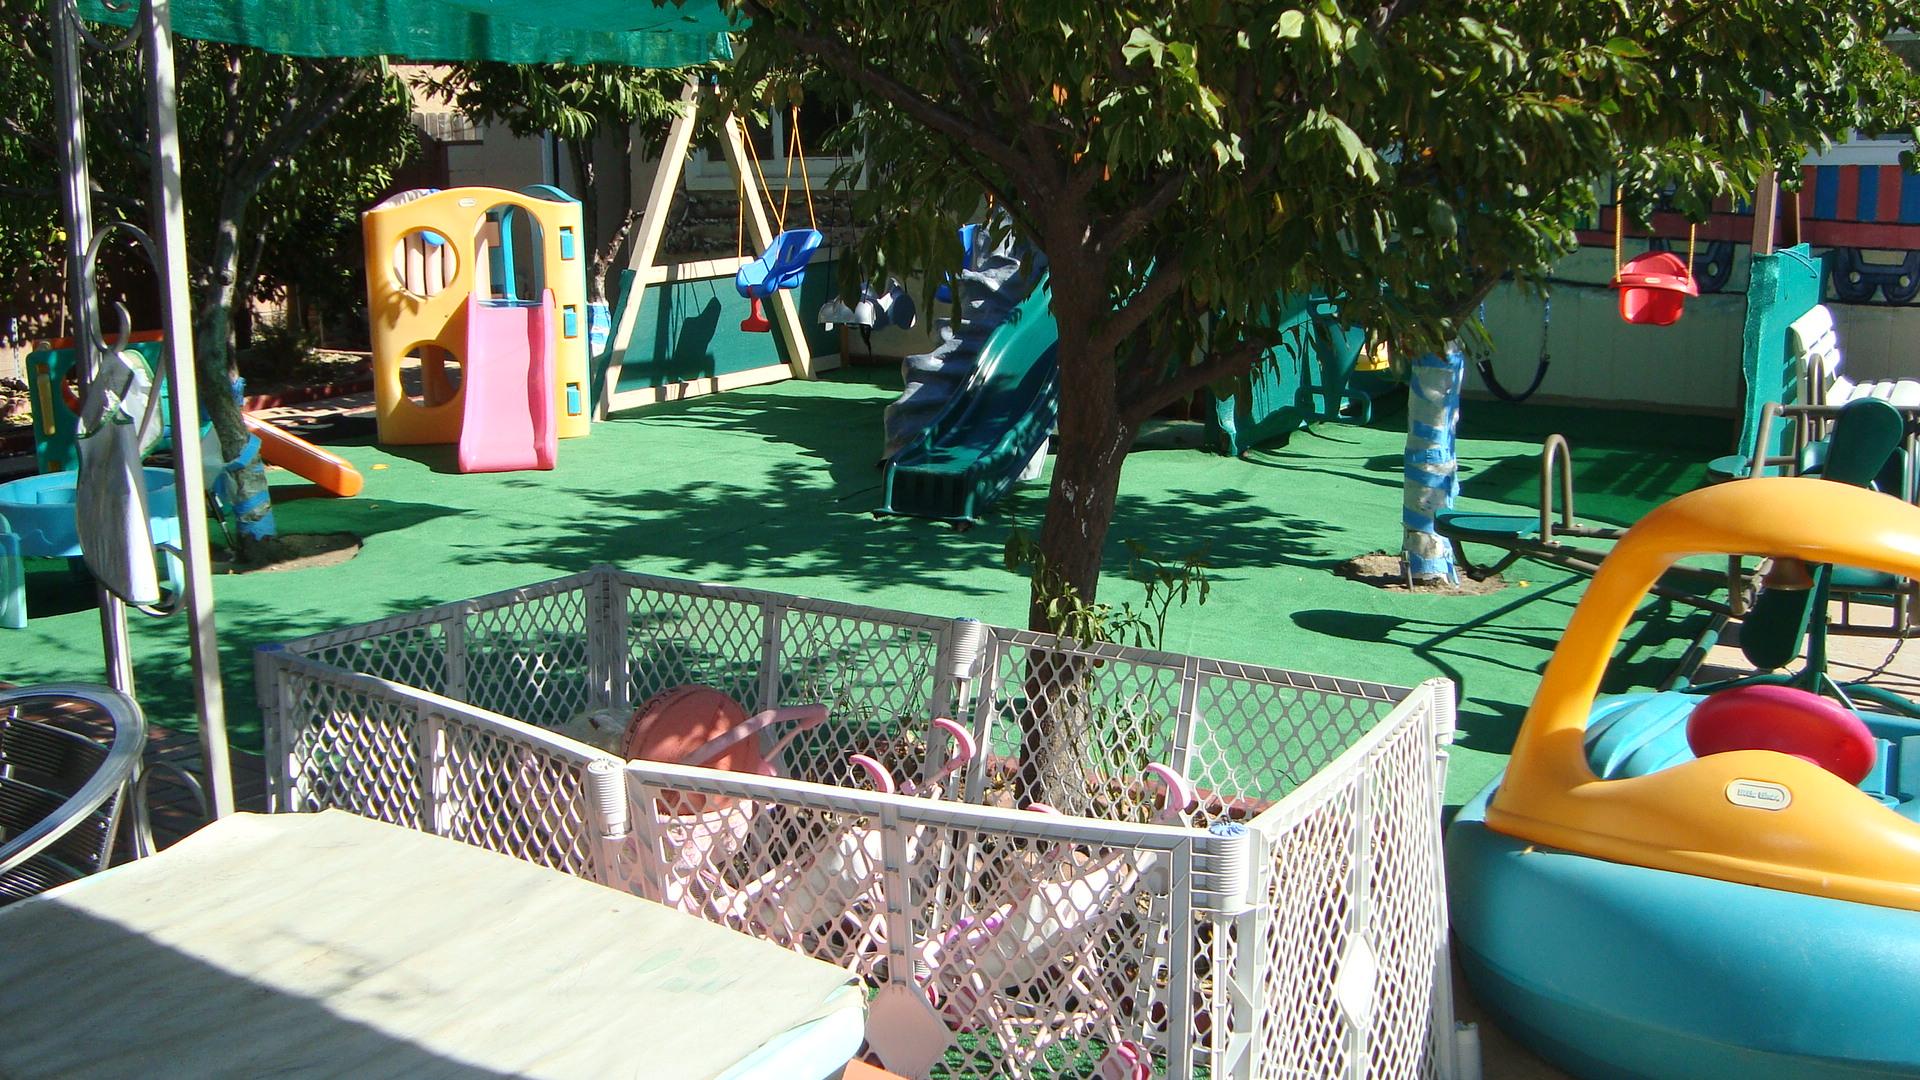 Russian Childcare of Granada Hills